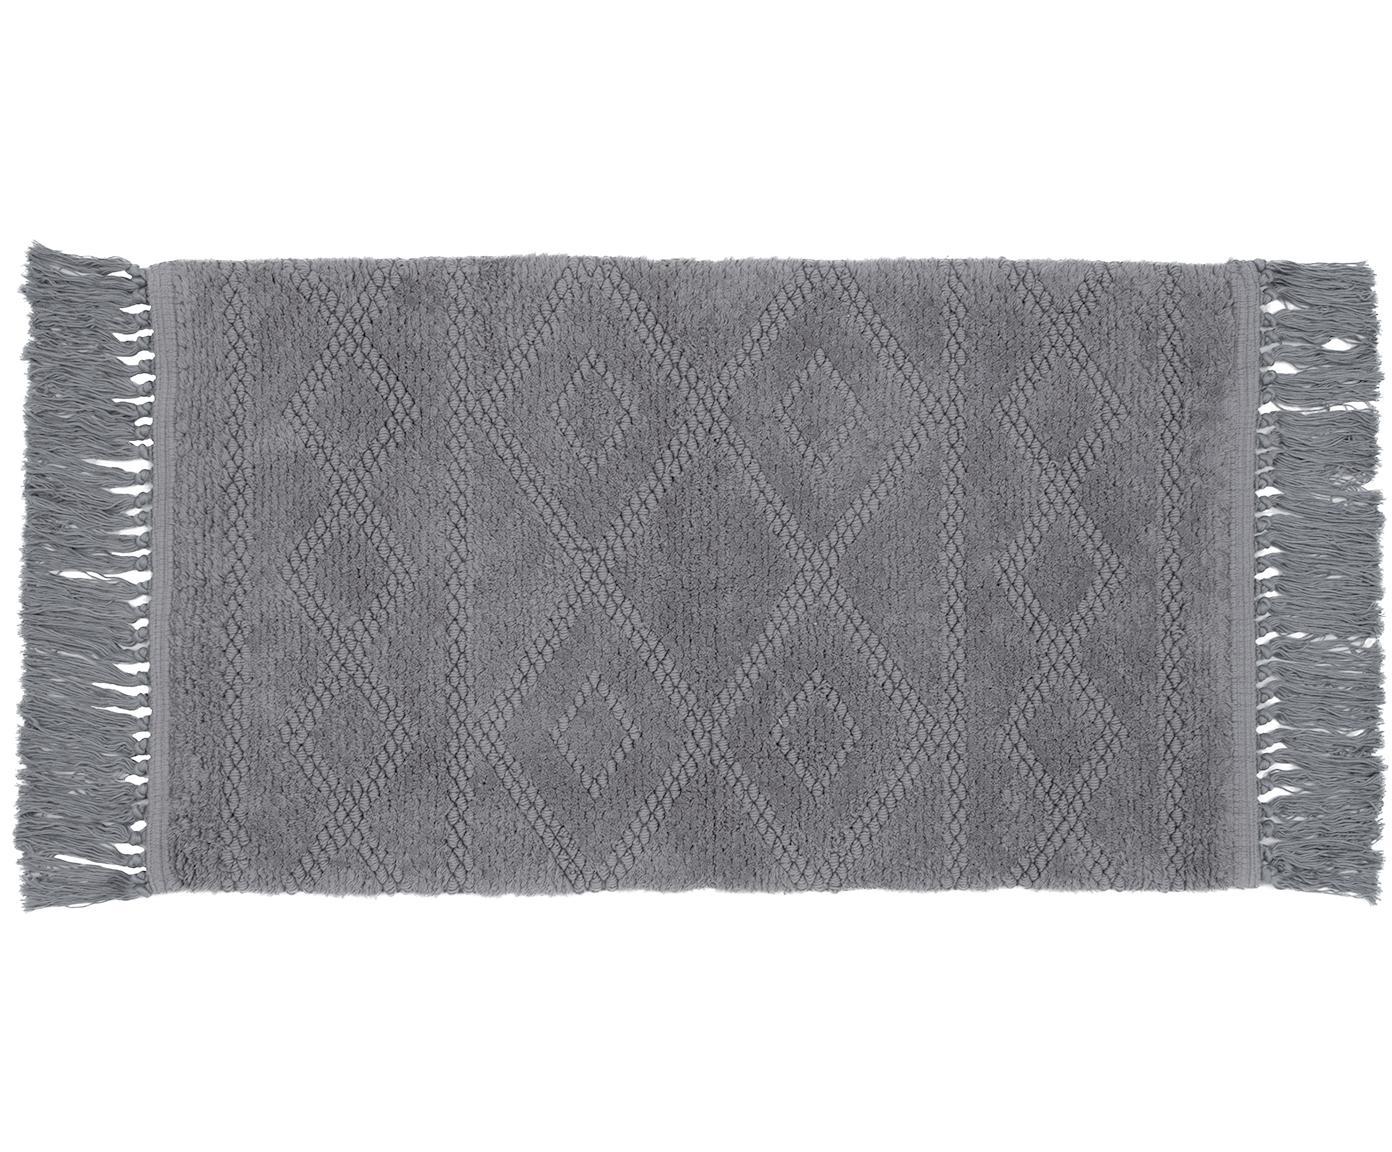 Dywanik łazienkowy boho Bernadette, Szary, S 50 x D 90 cm